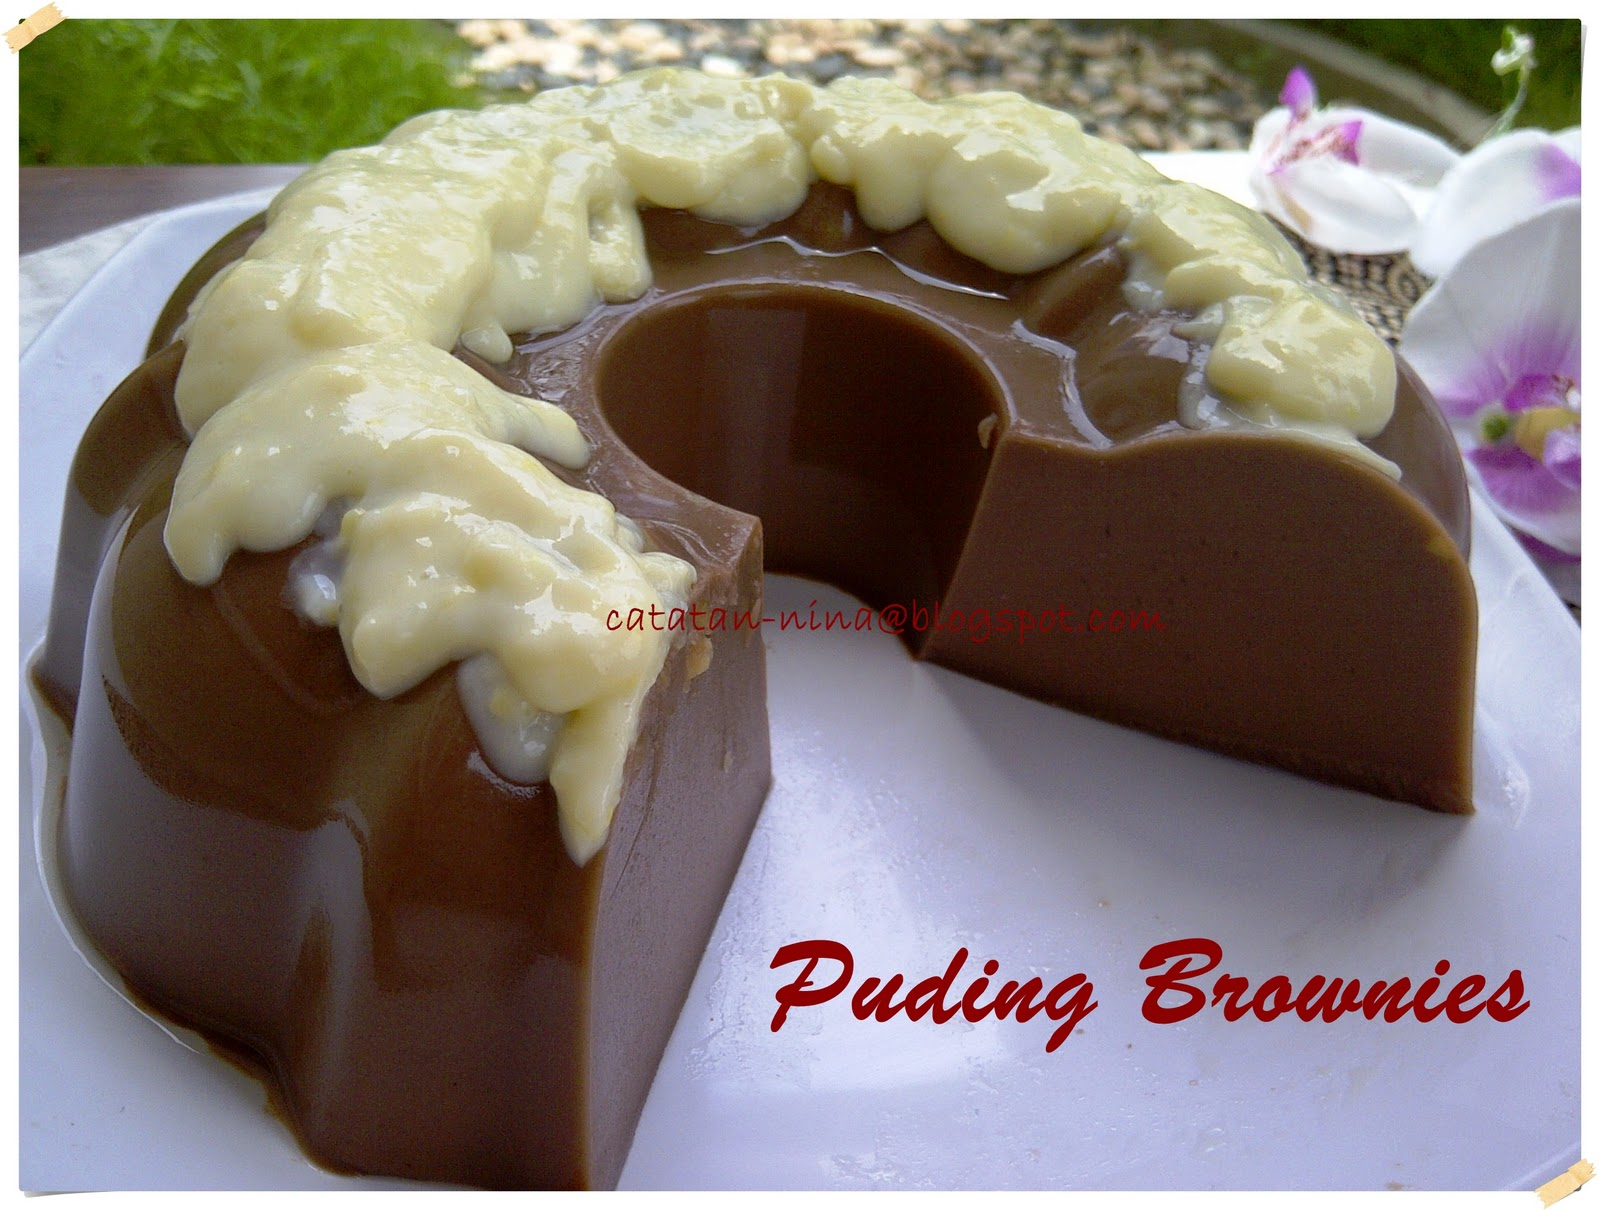 puding lagi kali ini penasaran dengan puding brownies karena beberapa ...